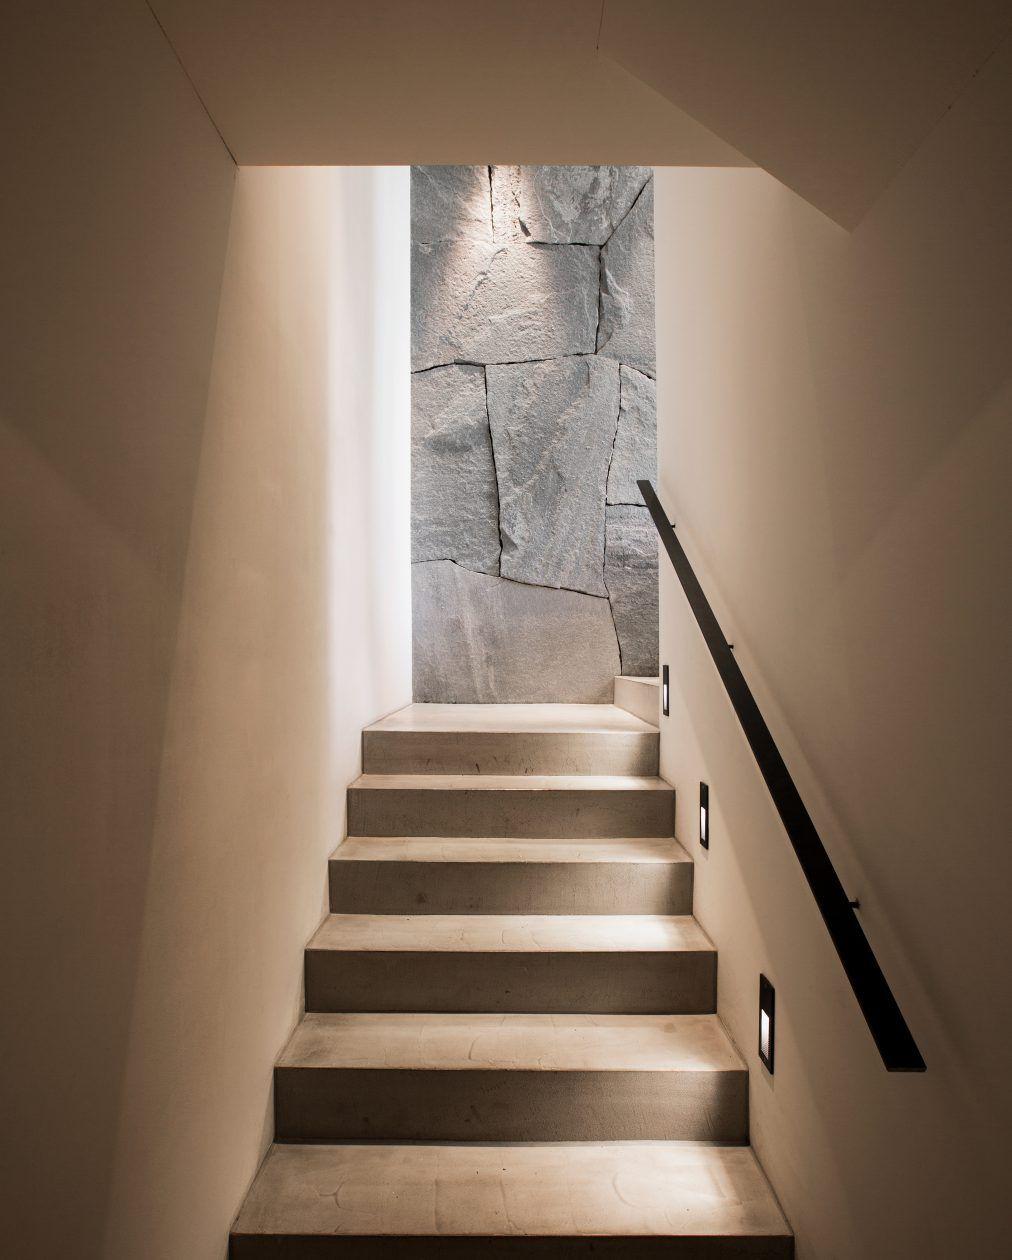 blick vom treppenaufgang zur naturstein wandverkleidung. Black Bedroom Furniture Sets. Home Design Ideas